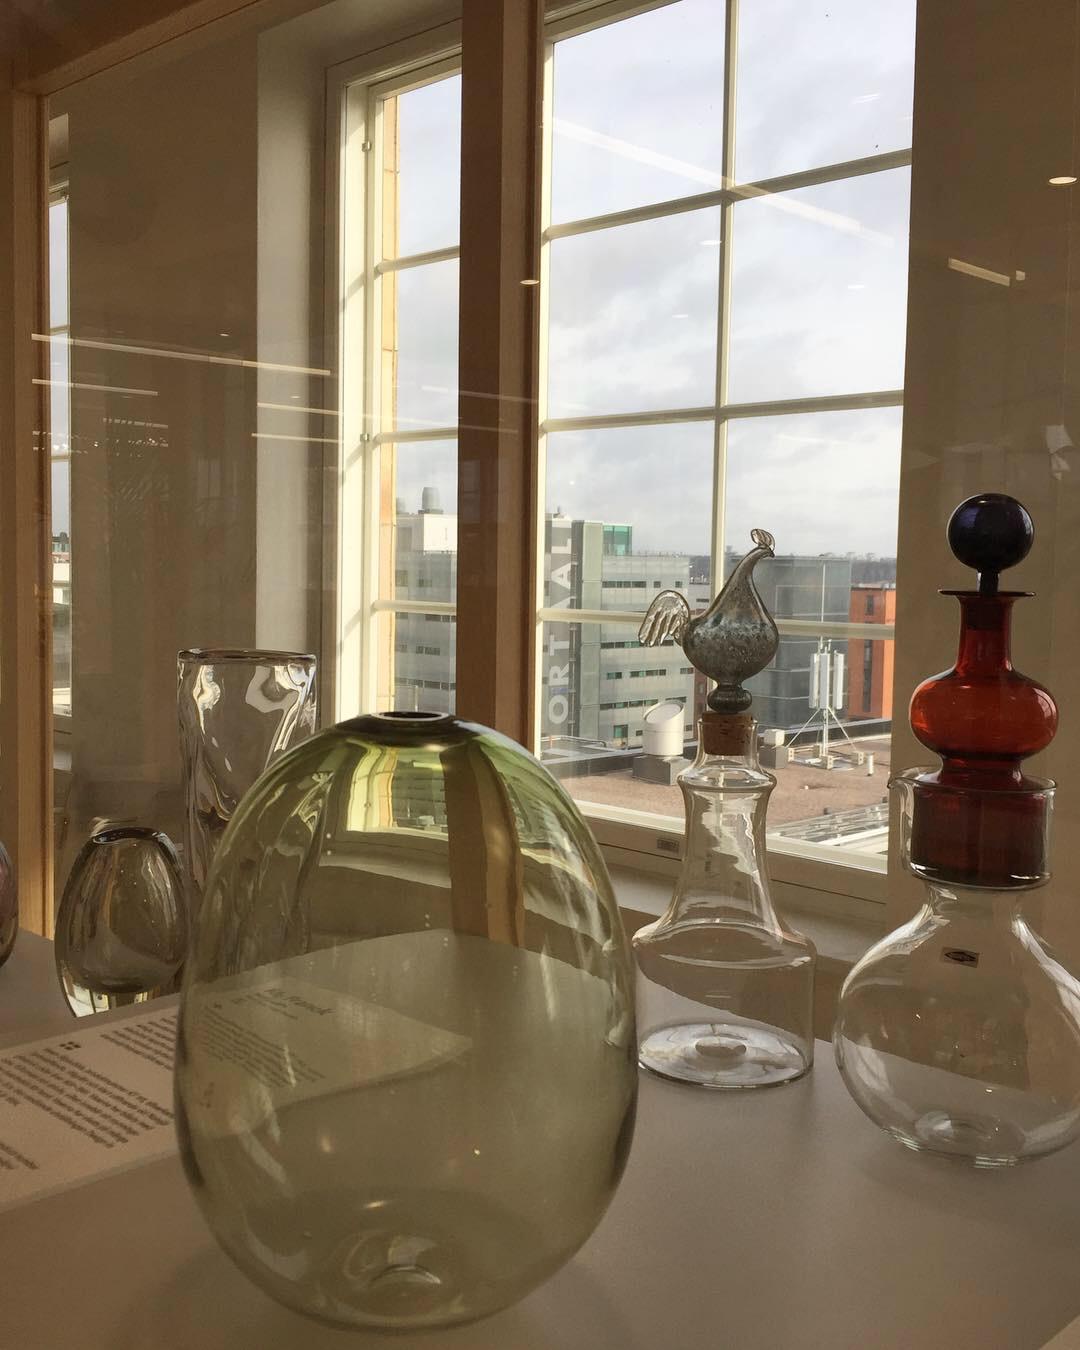 Дизайн-центр Iittala & Arabia в Хельсинки. Блиц: из стекла